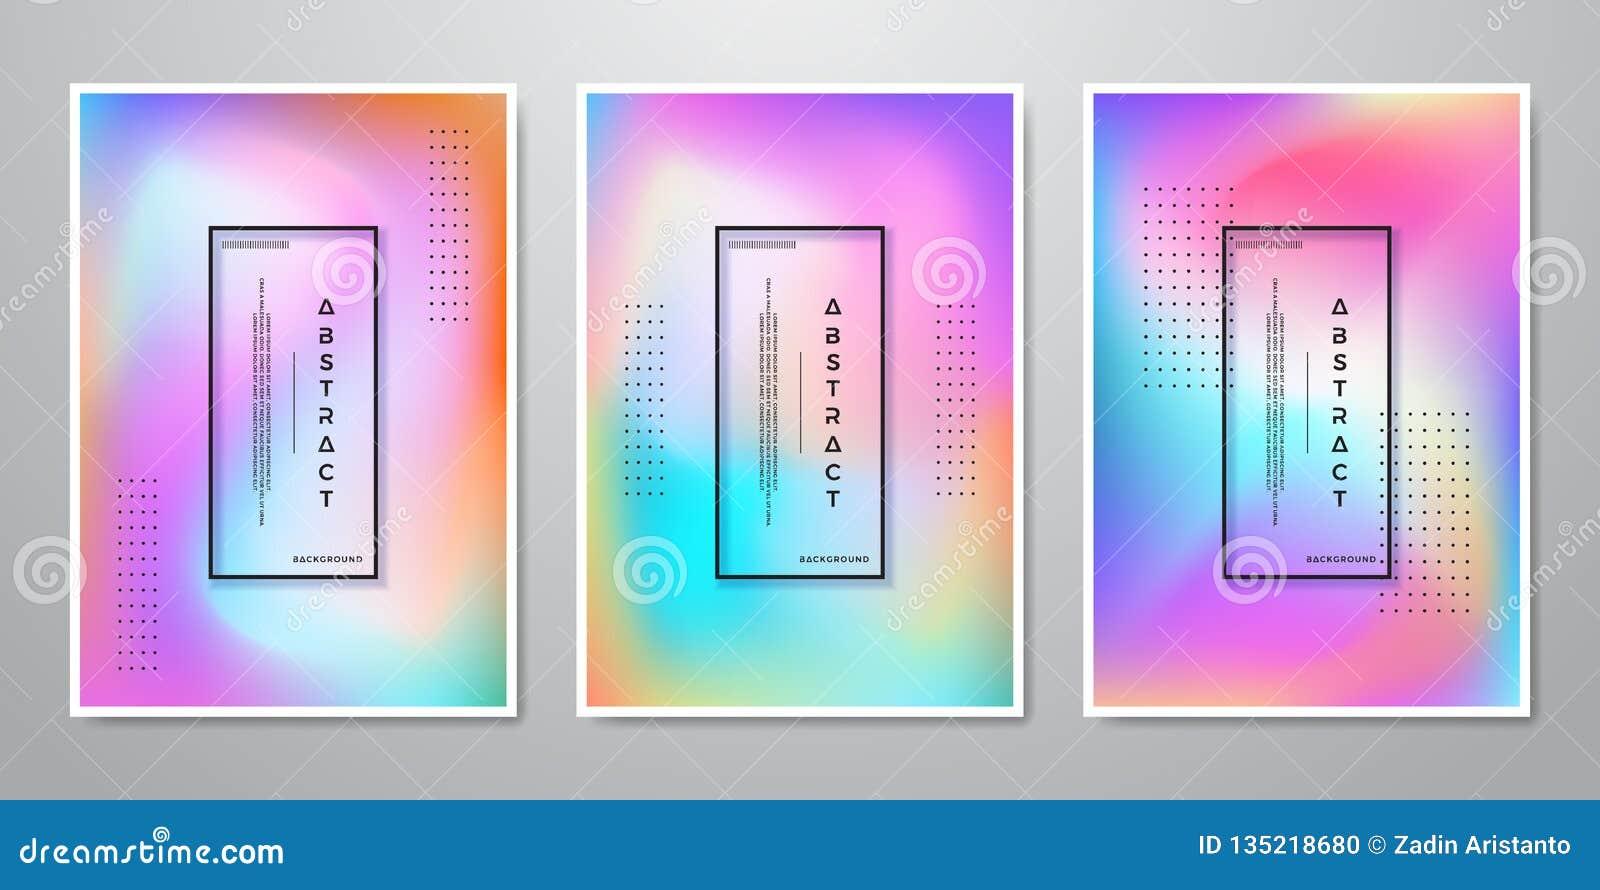 La pendiente de moda abstracta forma los fondos olográficos para la pantalla móvil, publicidad, contexto, folleto, cubierta, avia